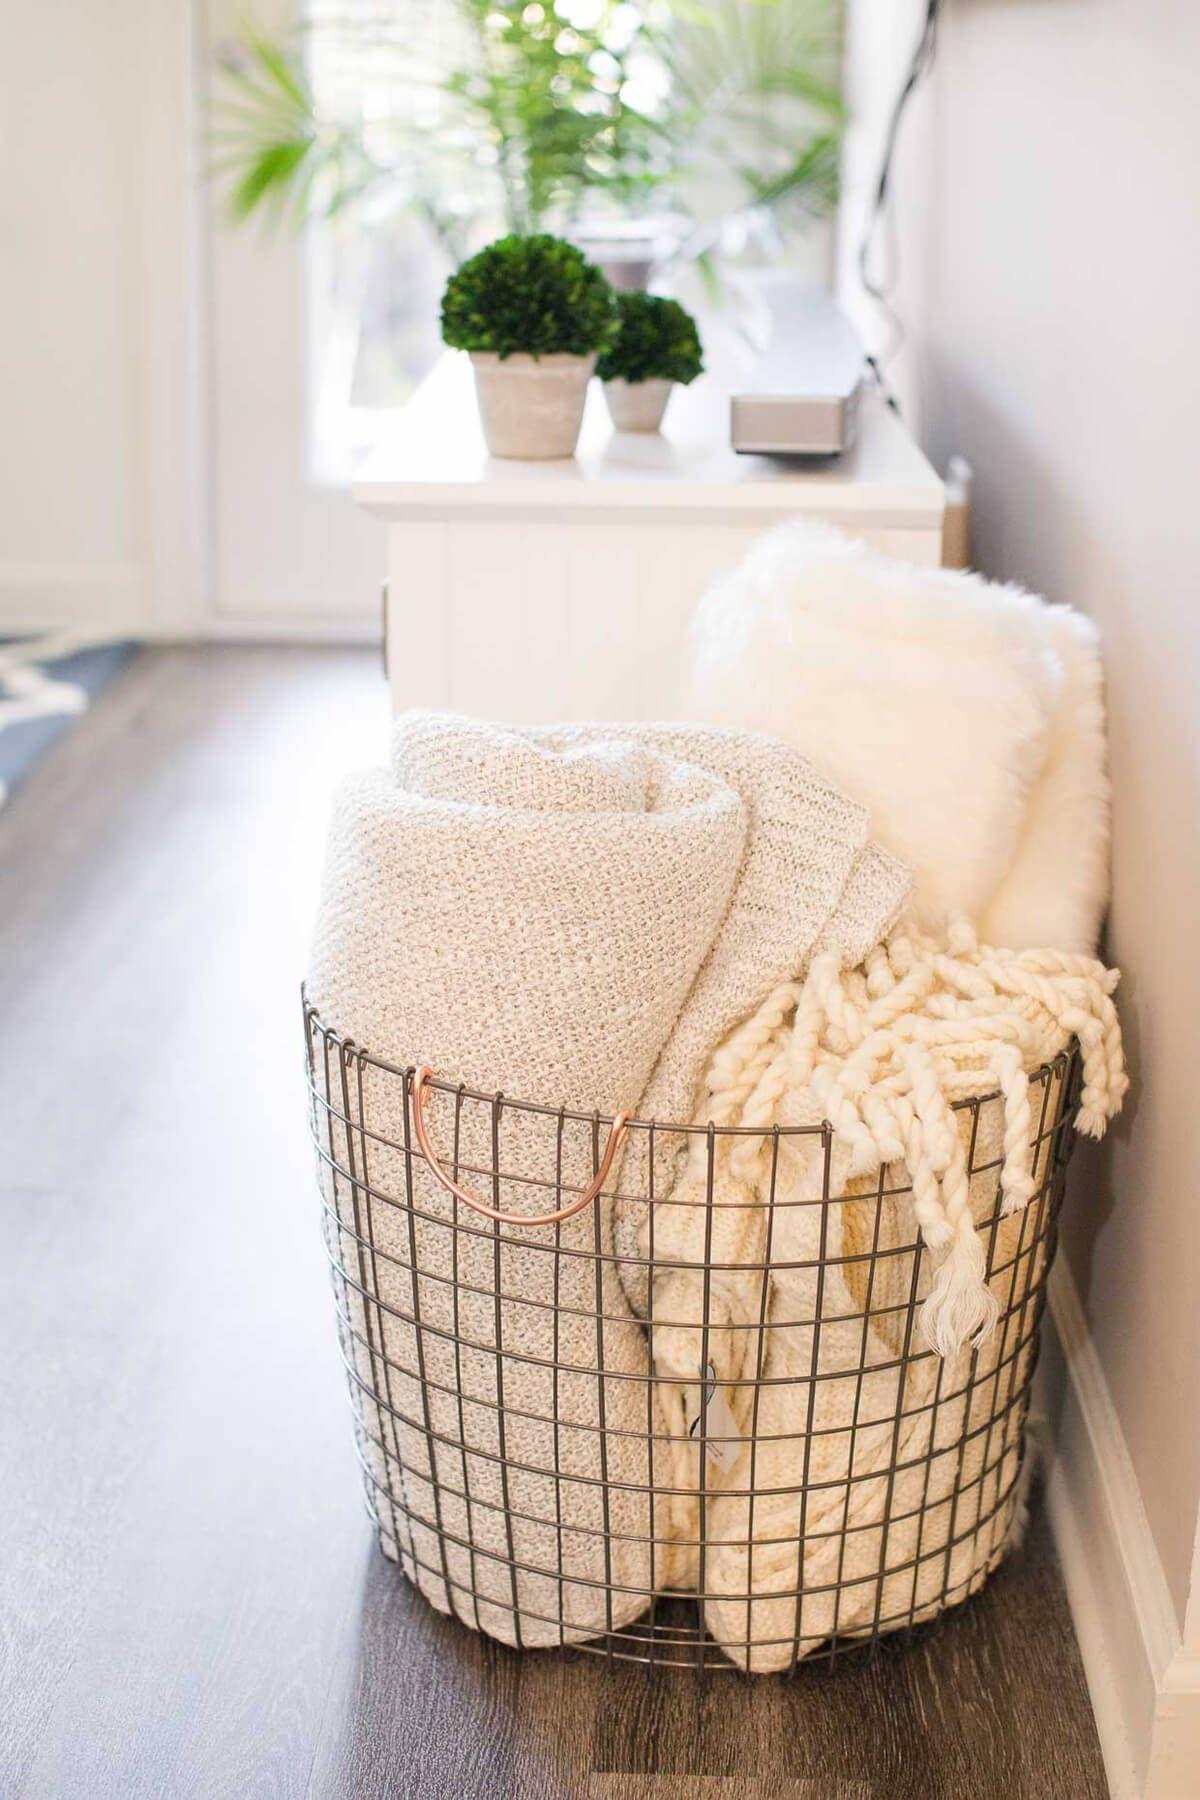 12 idées de décoration de maison blanches à couper le souffle pour obtenir ce facteur wow - Décoration de maison #allwhiteroom